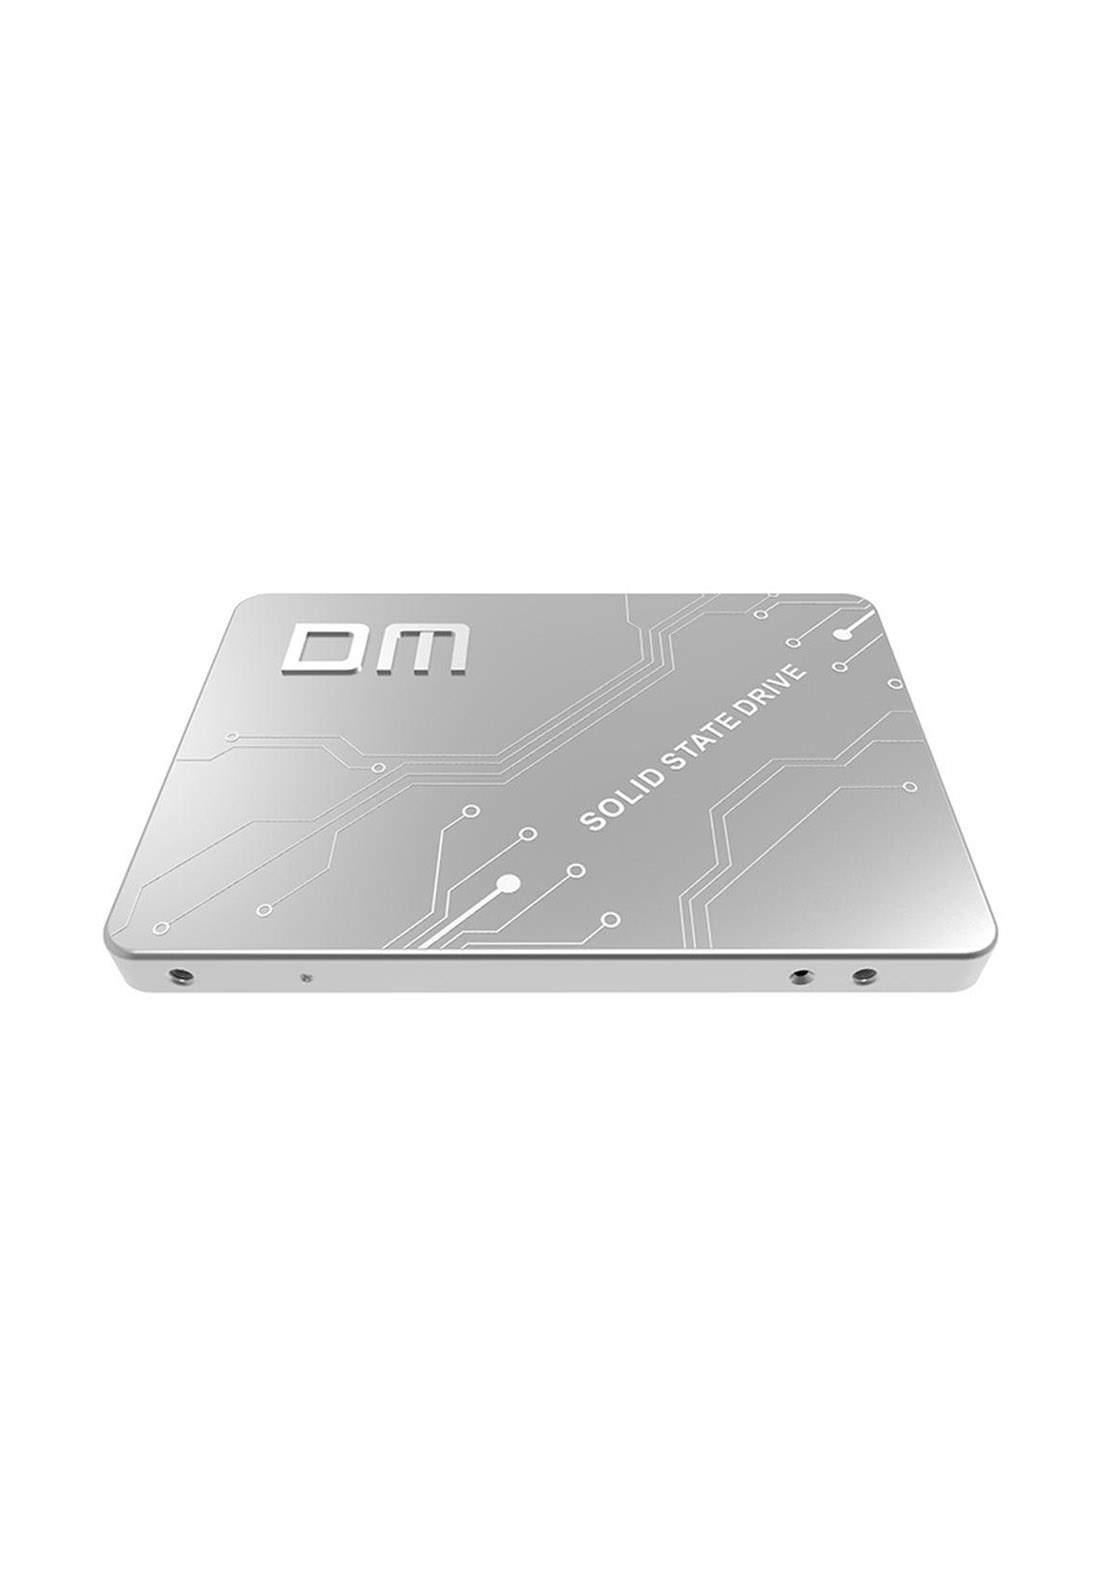 DM F500 SSD 240GB 240GB Internal Hard Disk- Silver هارد داخلي